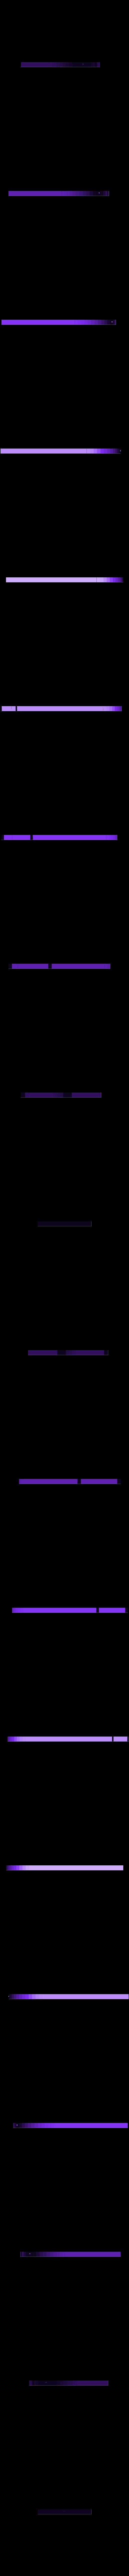 Hanger_V2.stl Télécharger fichier STL gratuit Peintre au pendule • Plan imprimable en 3D, Zippityboomba